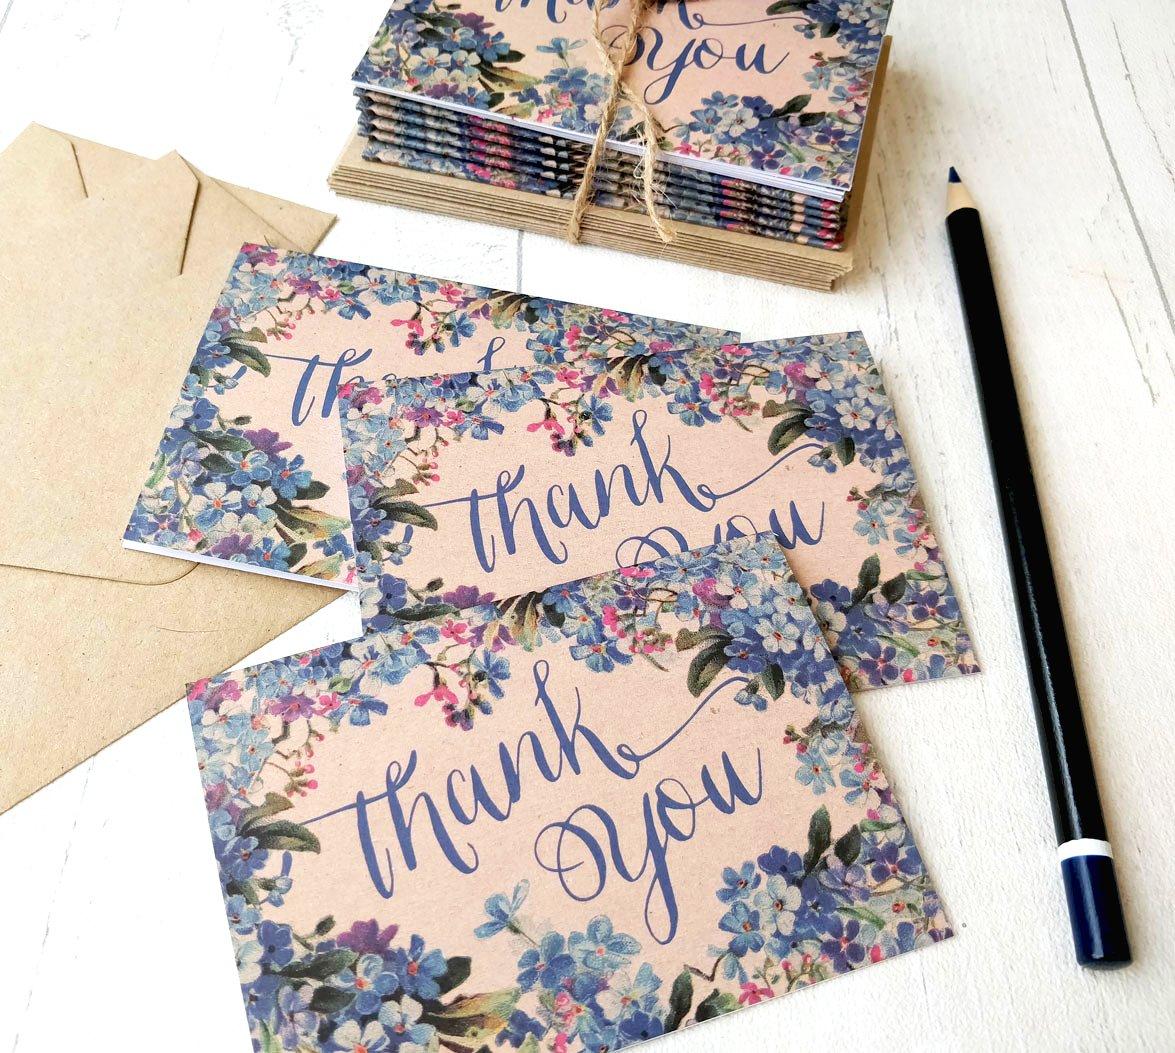 (Confezione da 8) Mini floreale blu vintage marrone riciclato matrimonio rustico forget-me-not Thank You Cards e buste A7105mm x 74mm (confezione da 8) biglietti di auguri per festa di nozze (cancelleria, Note Cards) Paper Willow